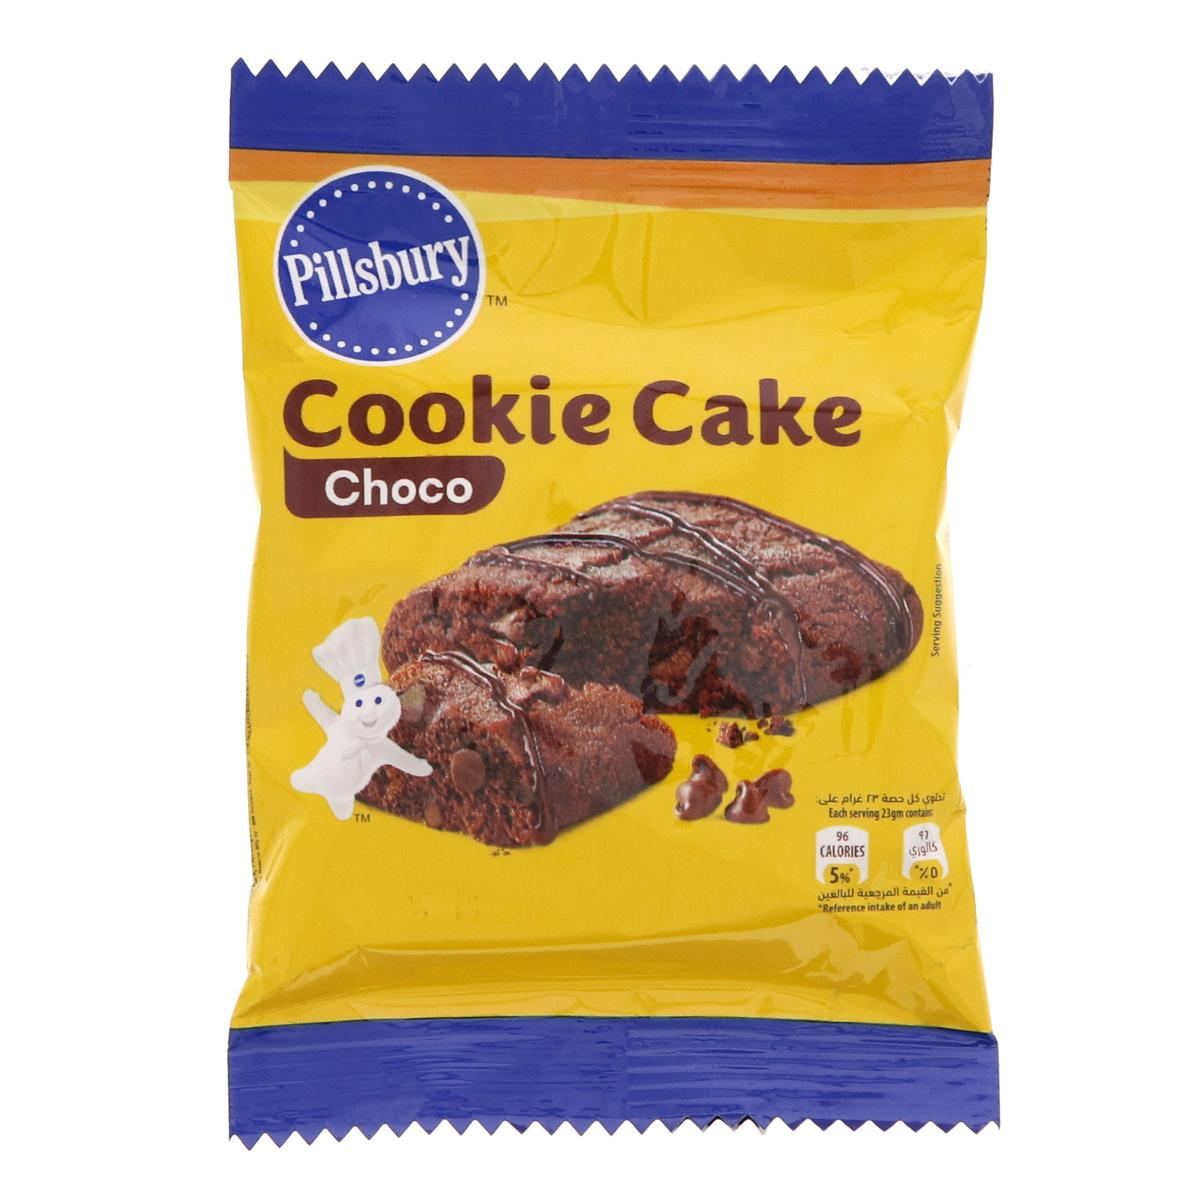 Buy Pillsbury Cookie Cake Choco 23g x